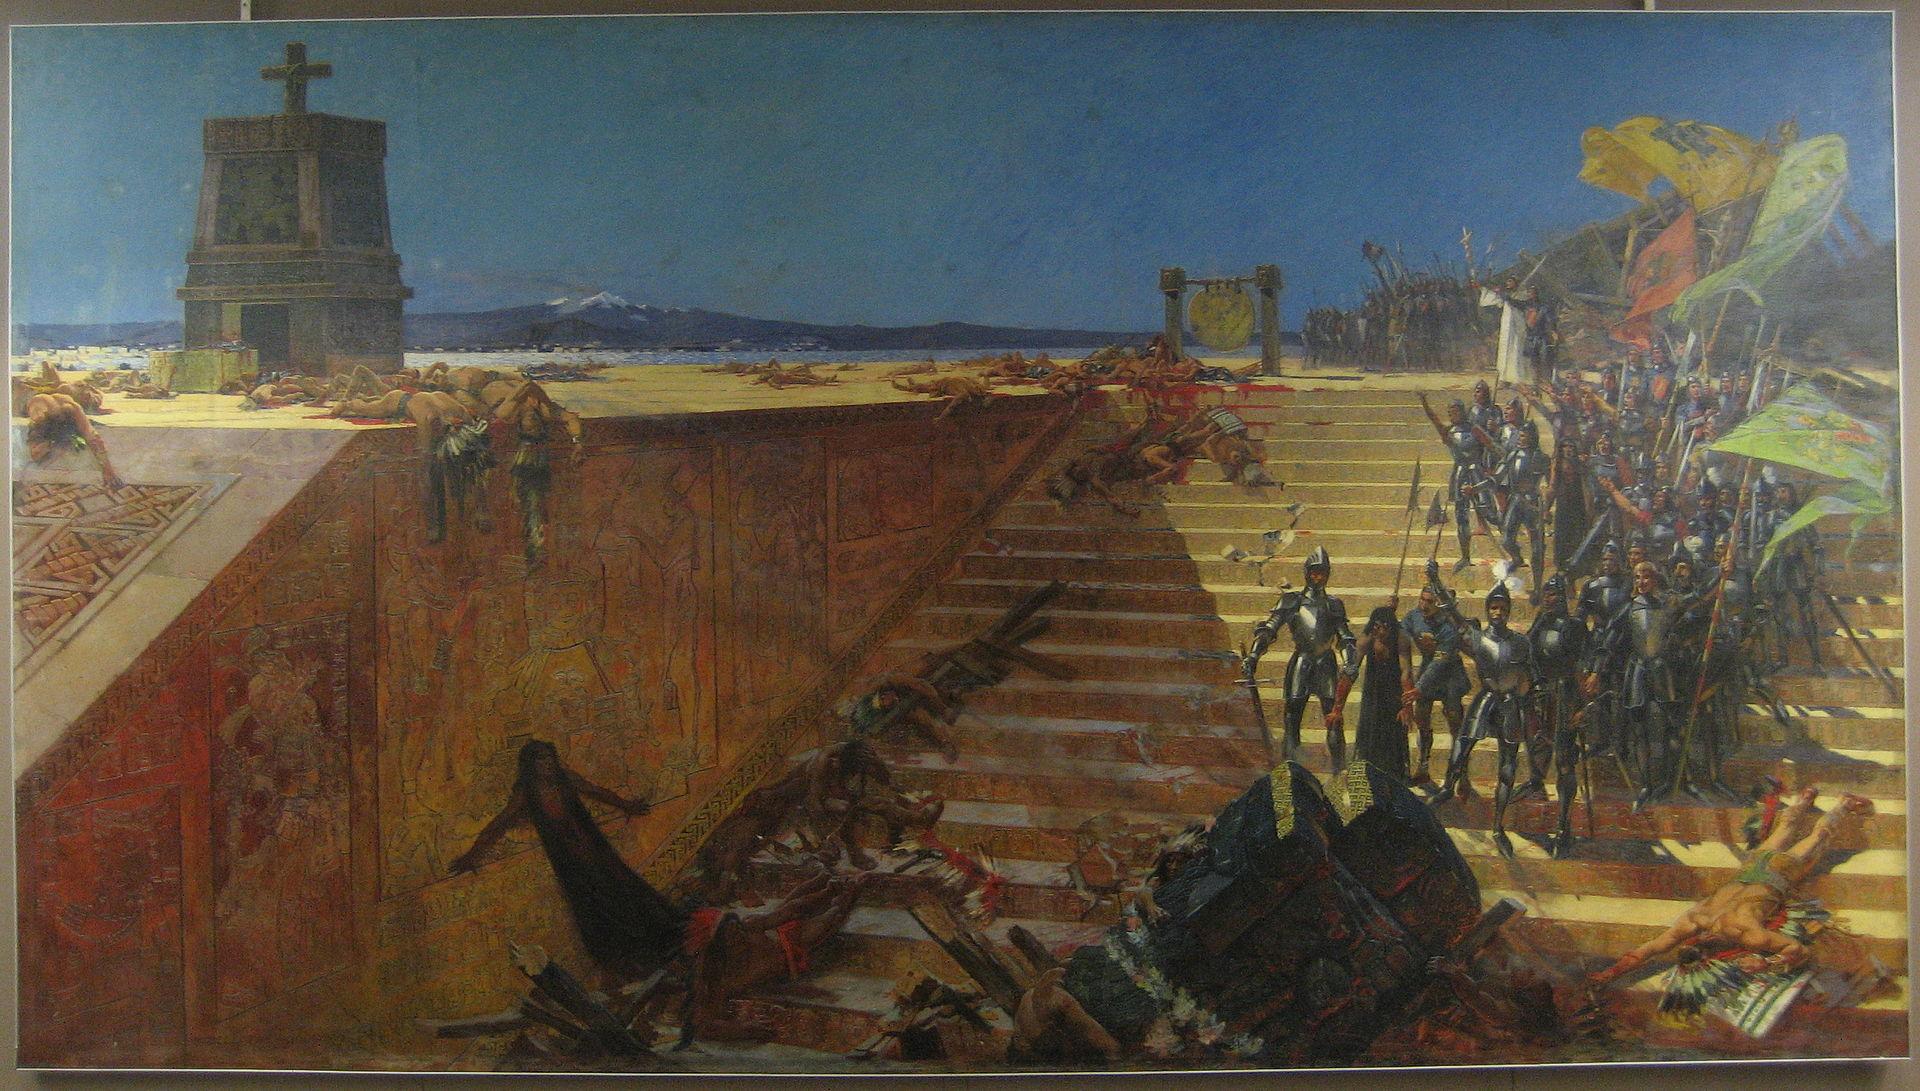 Derniers jours de Tenochtitlan, Conquete du Mexique par Cortez- Peinture de William de Leftwich Dodge, 19e siecle